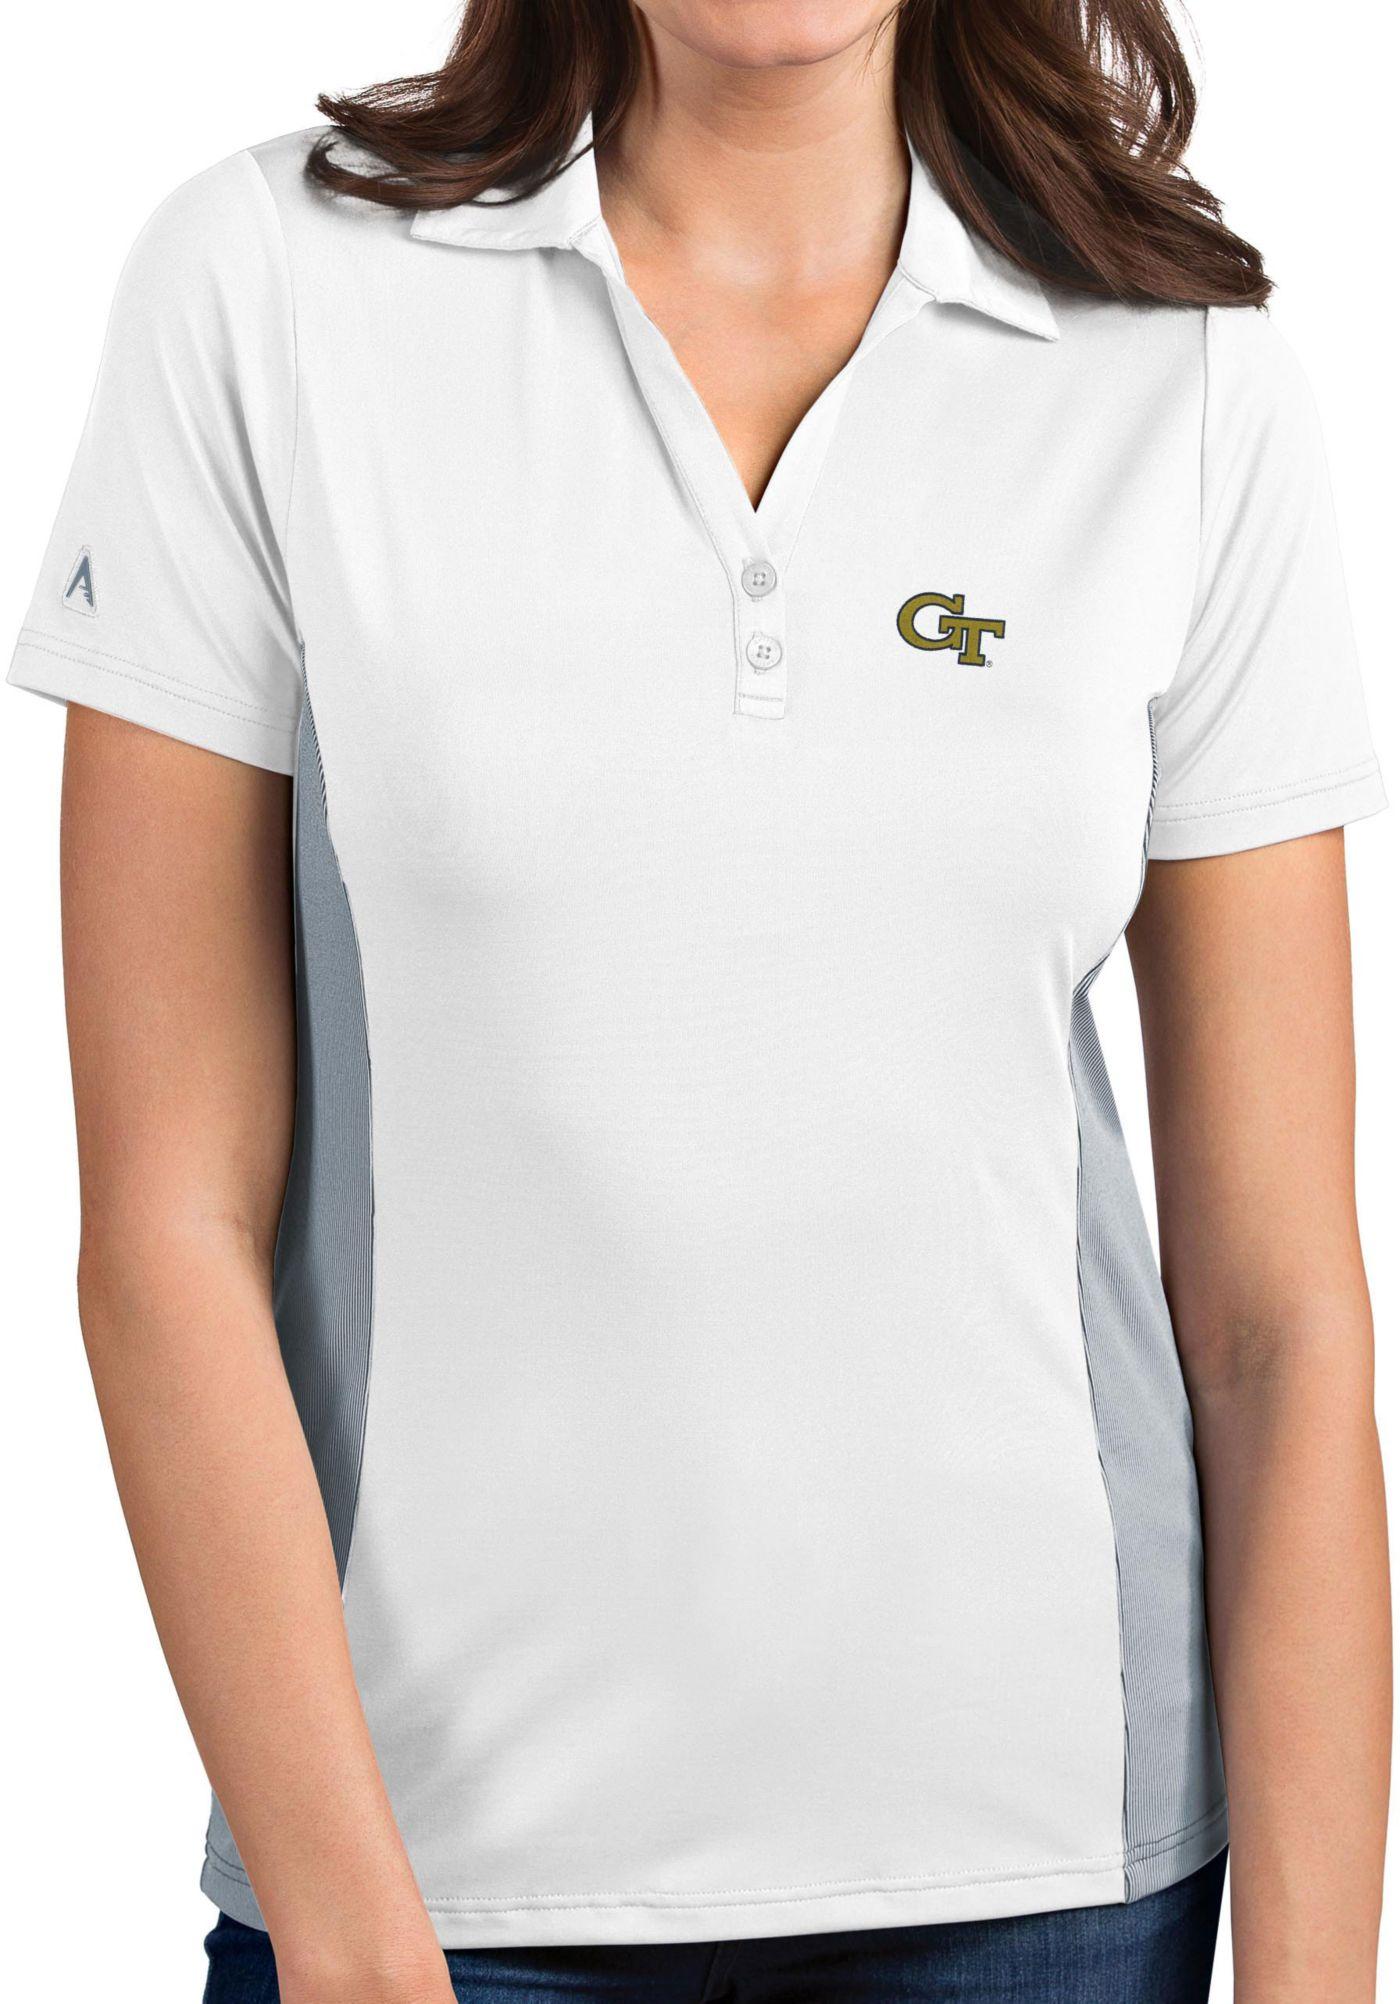 Antigua Women's Georgia Tech Yellow Jackets Venture White Polo